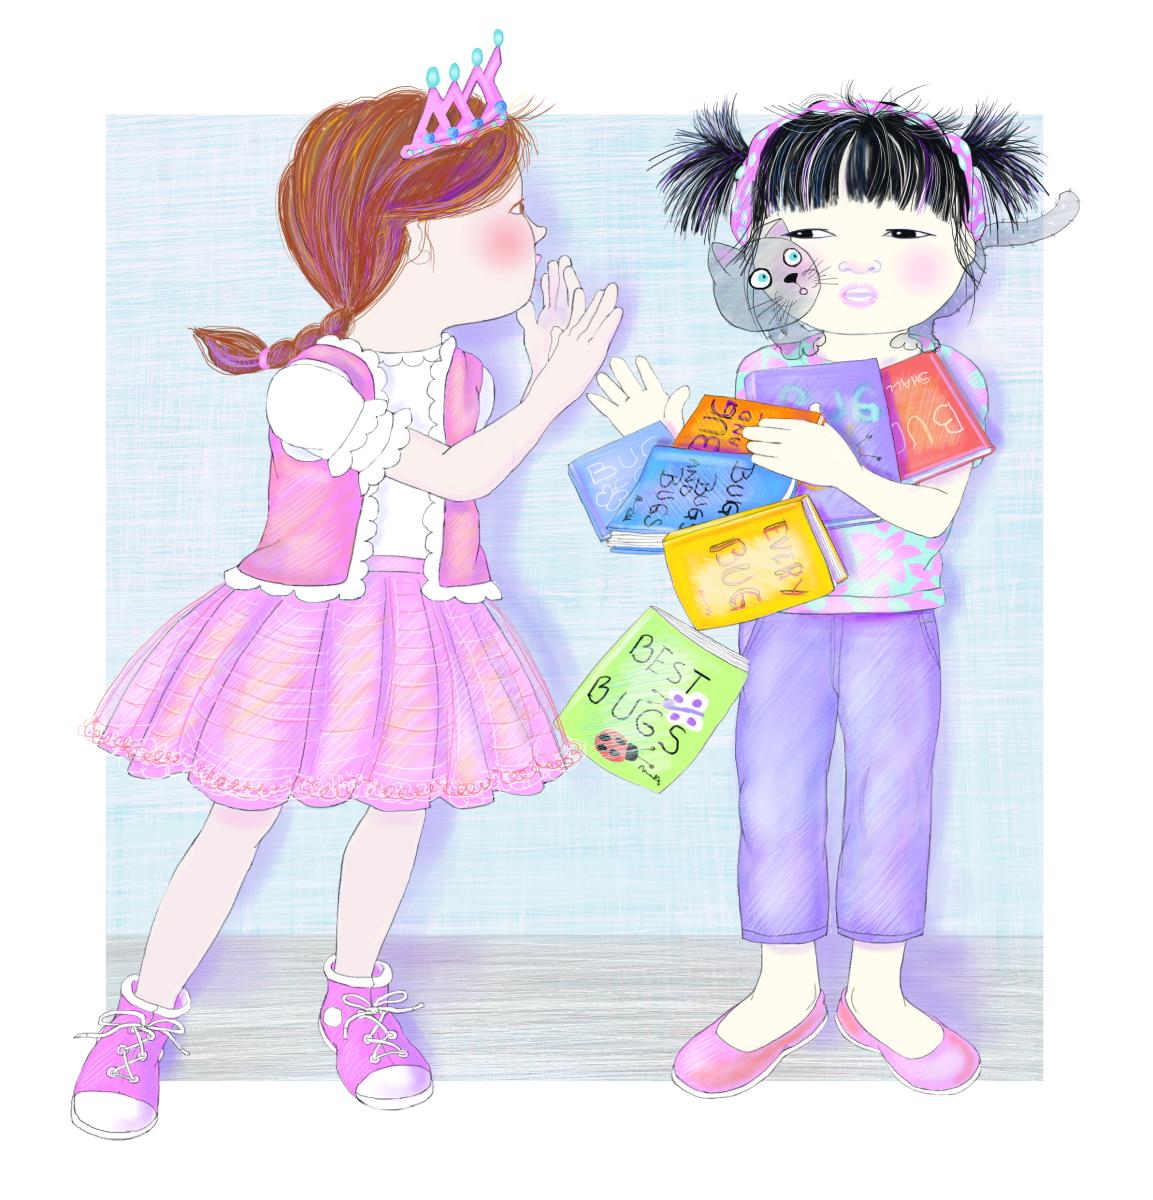 Illustration by Elizabeth B Martin